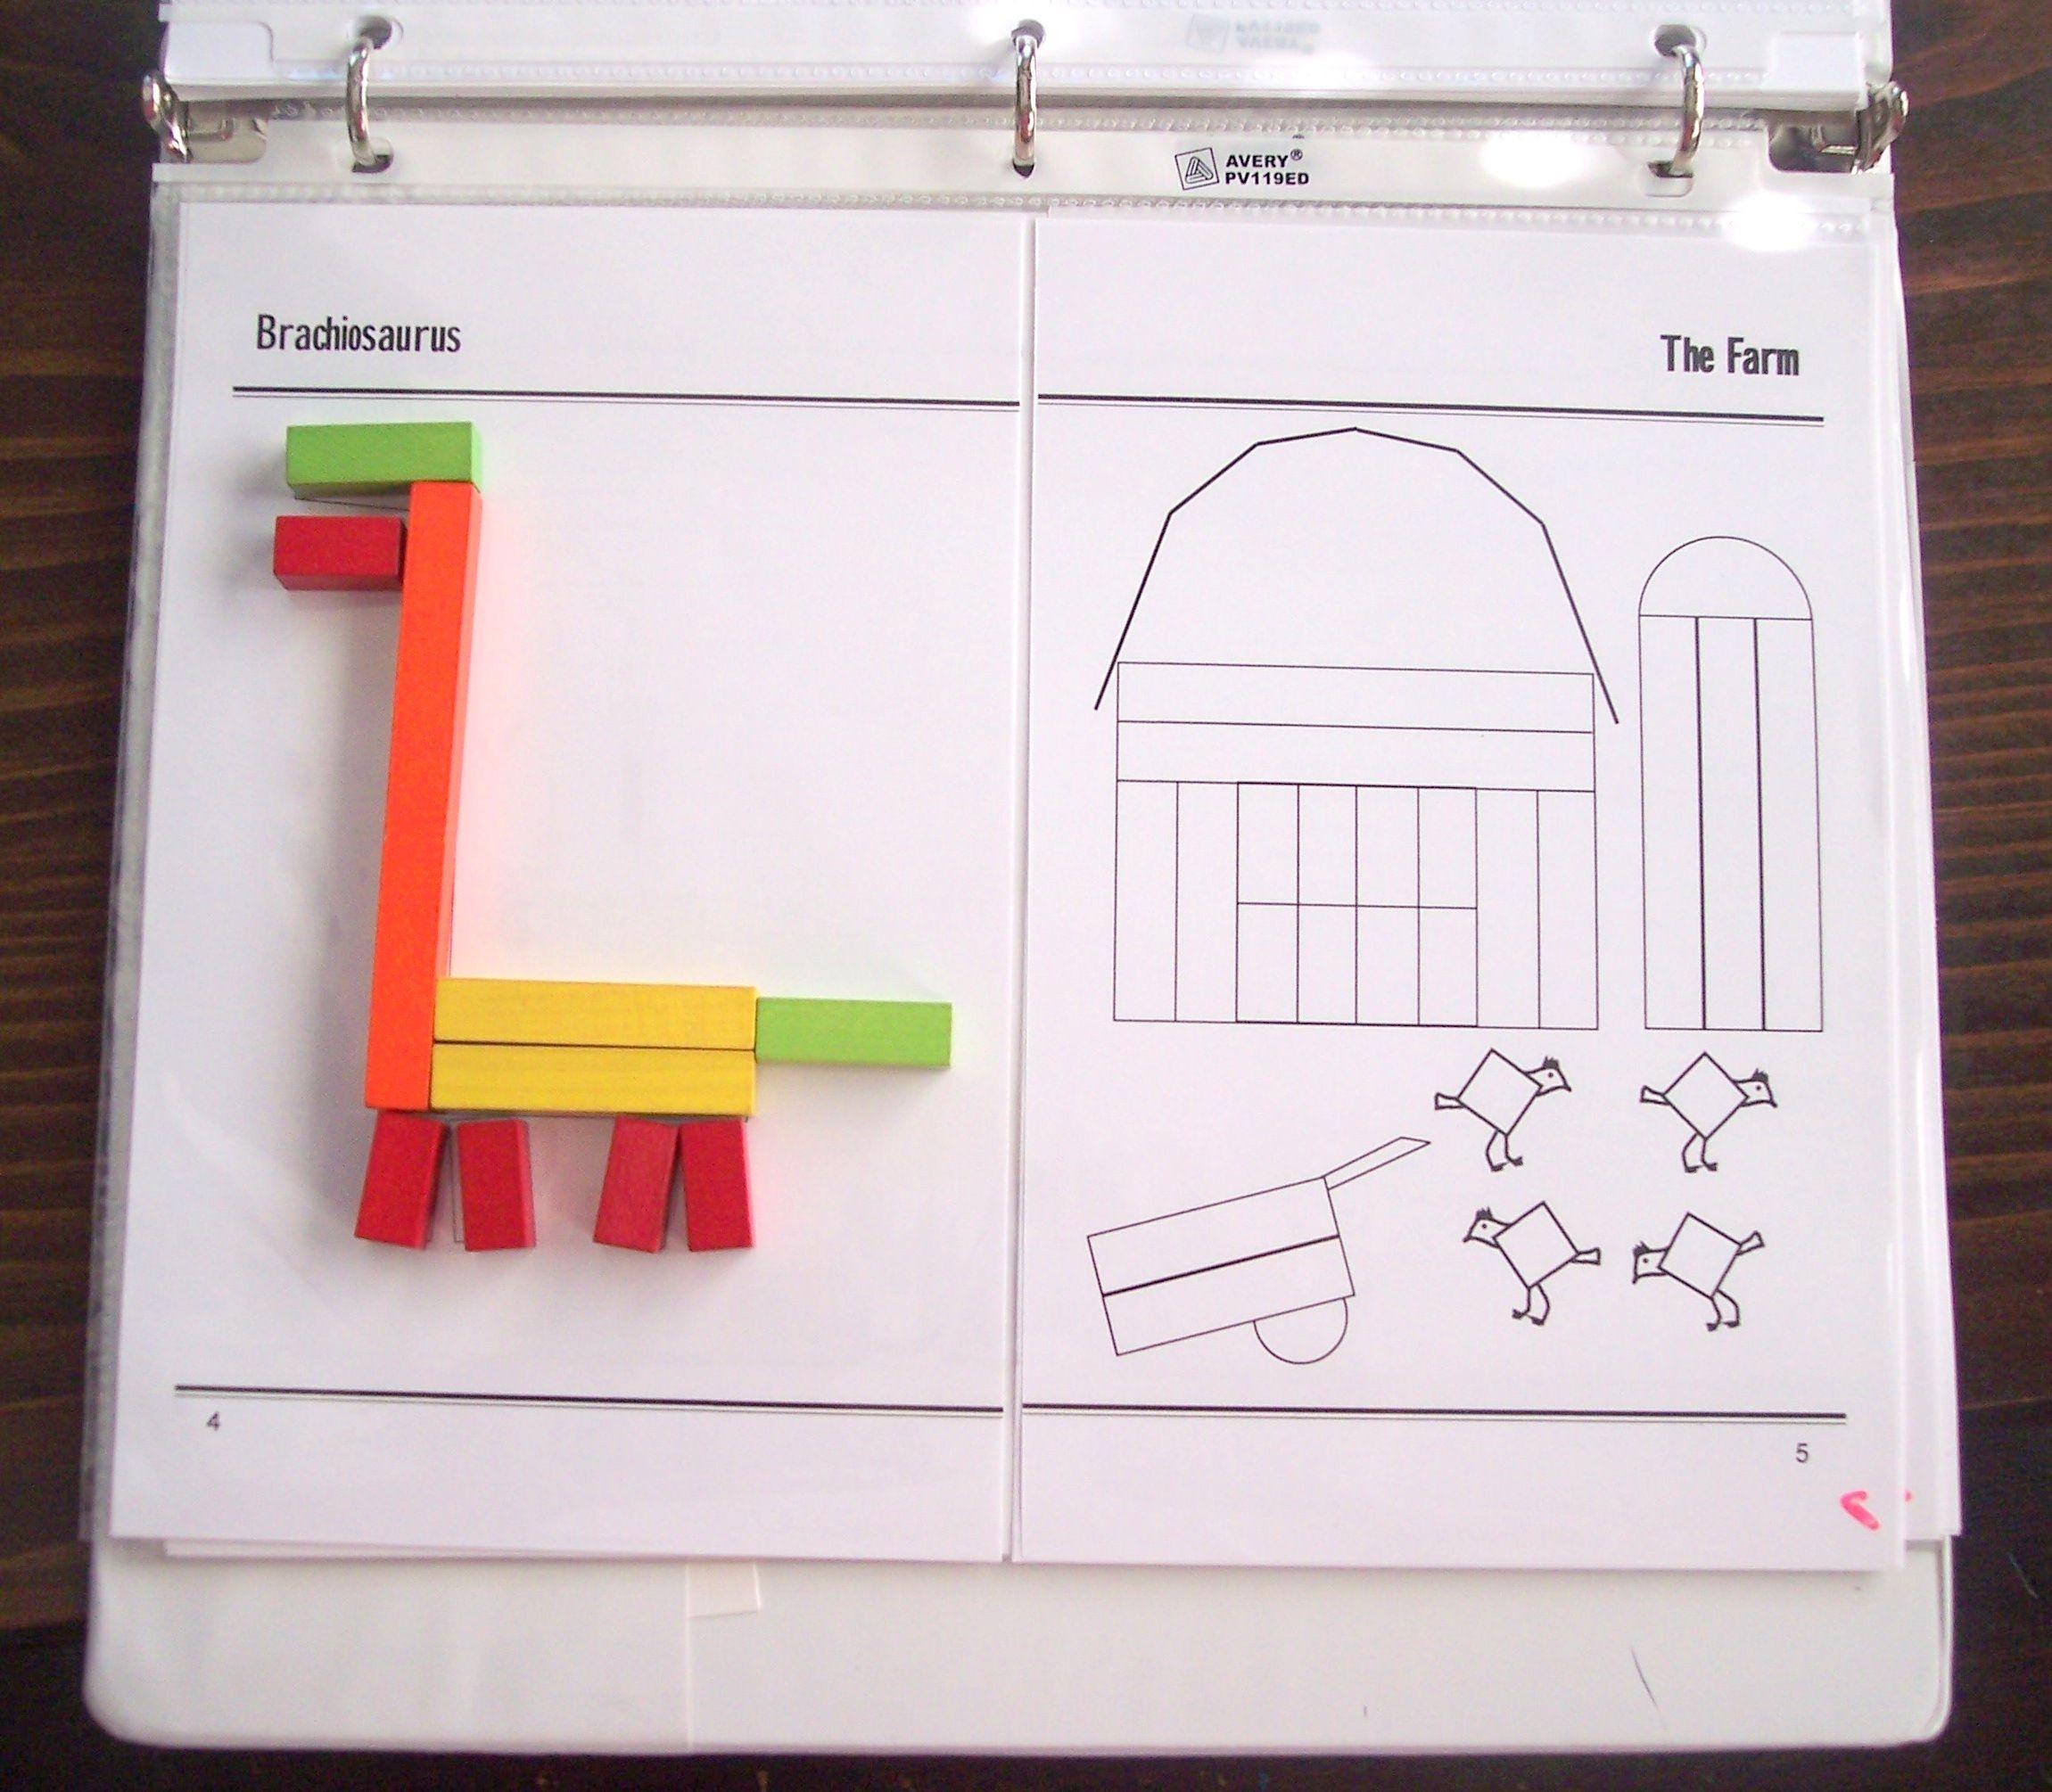 Extra Kindergarten & Preschool Miquon Math Activities With Cuisenaire Rods